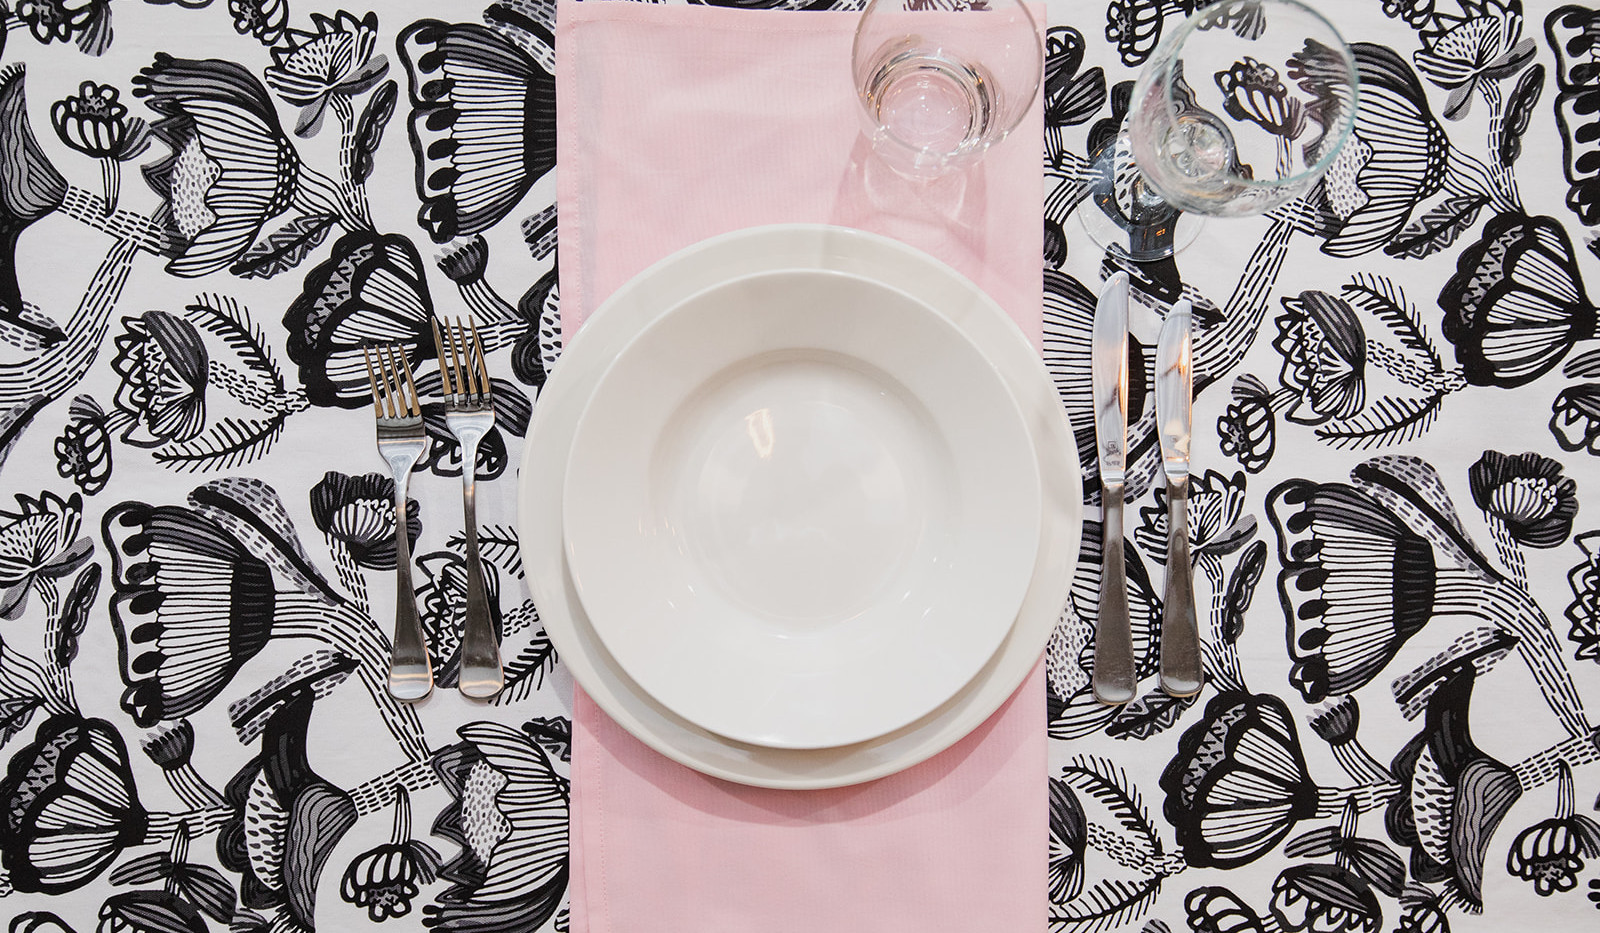 White crockery, pink serviette